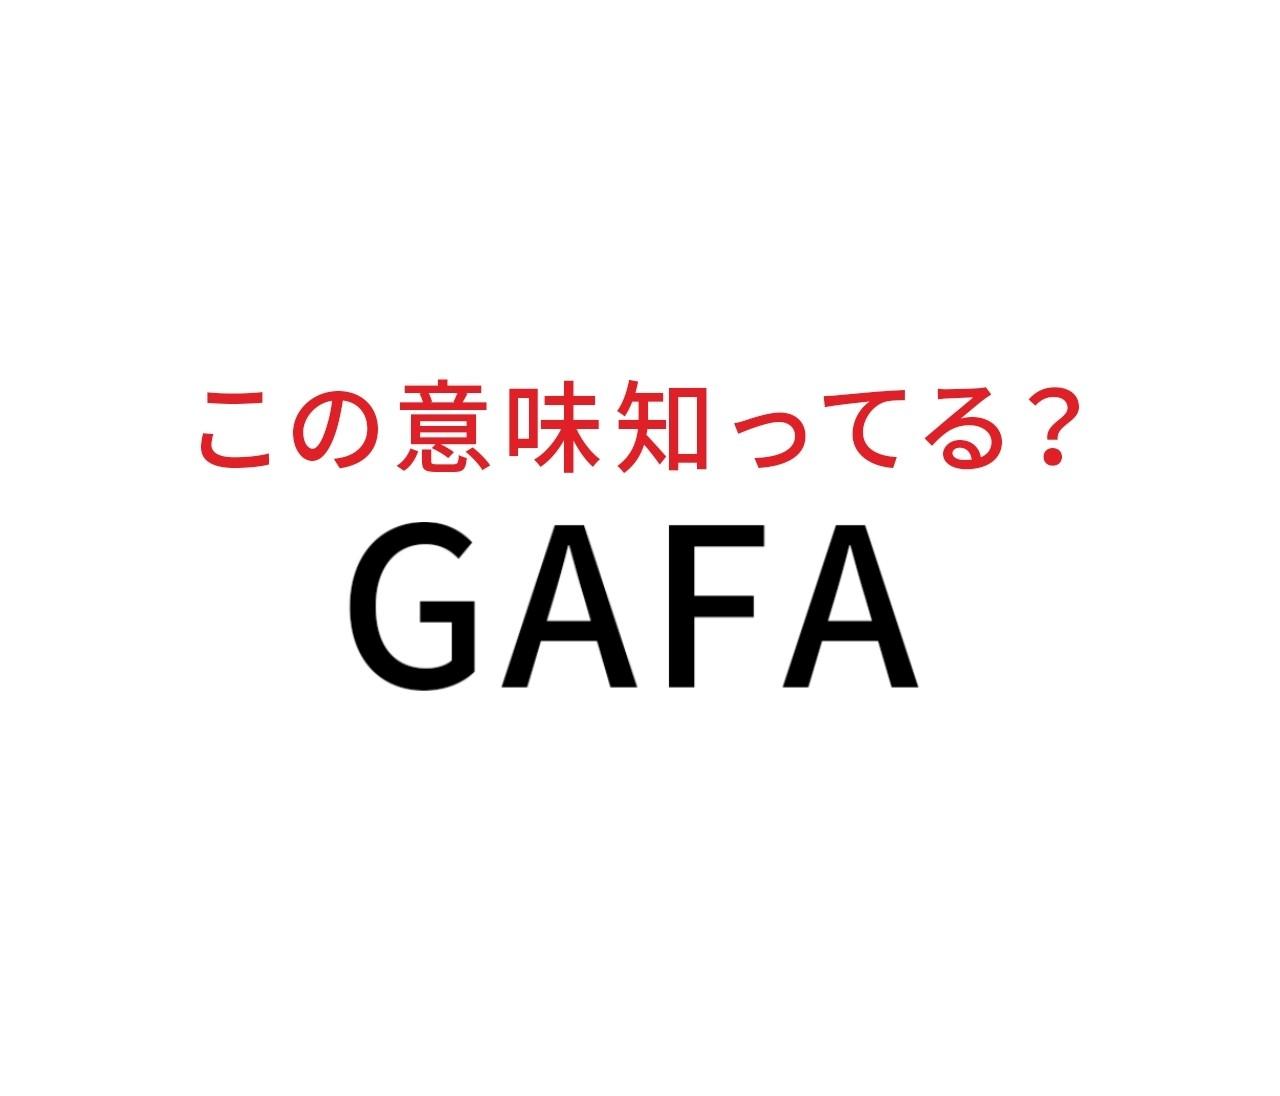 【3秒時事問題クイズ#4】「GAFA」ってなんのこと?